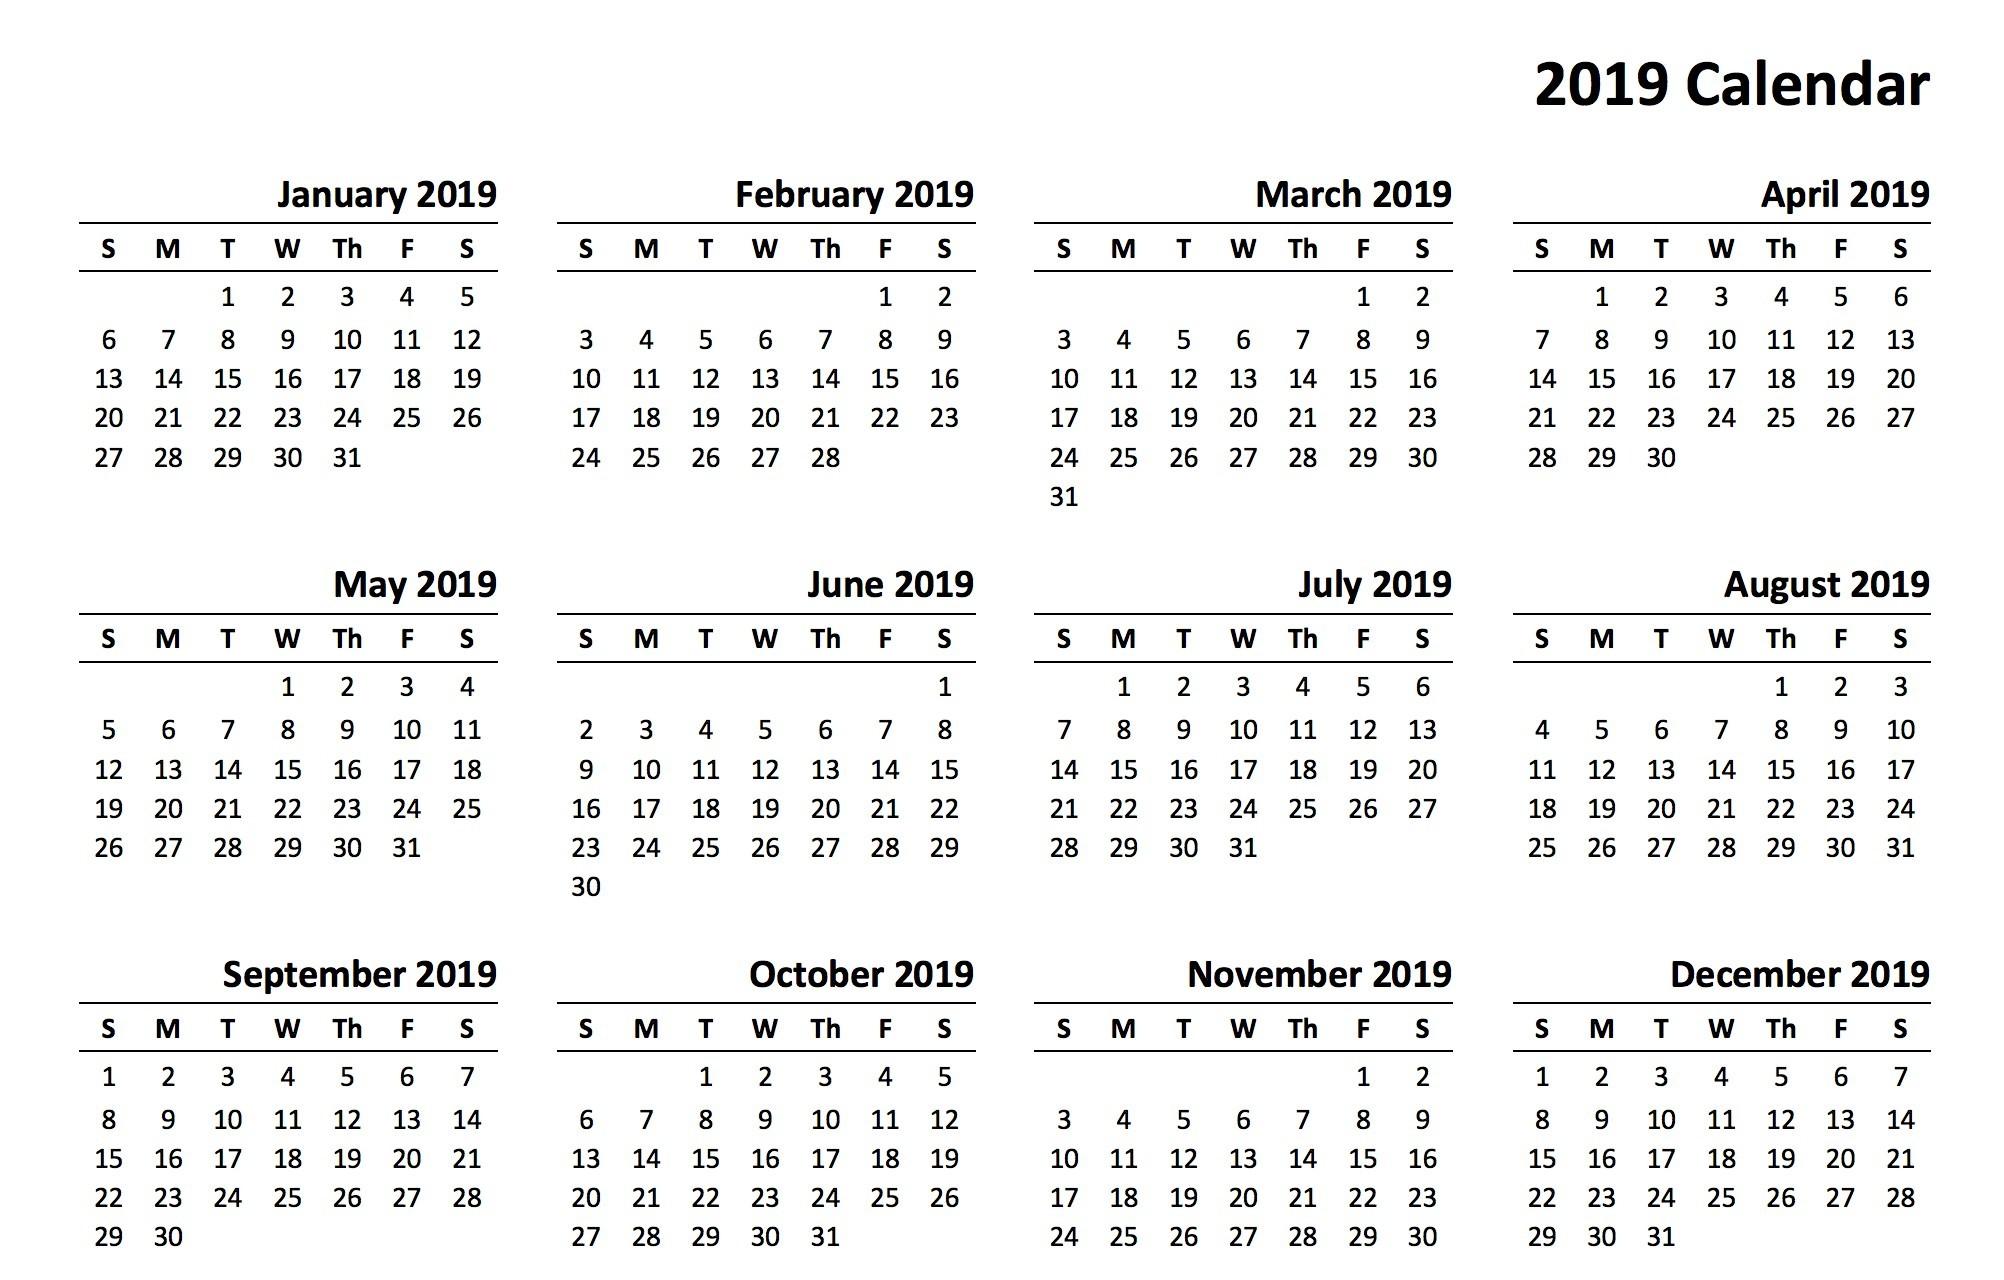 Imprimir Calendario Diciembre 2019 Más Caliente Esto Es Exactamente Calendario Imprimir 2019 Excel